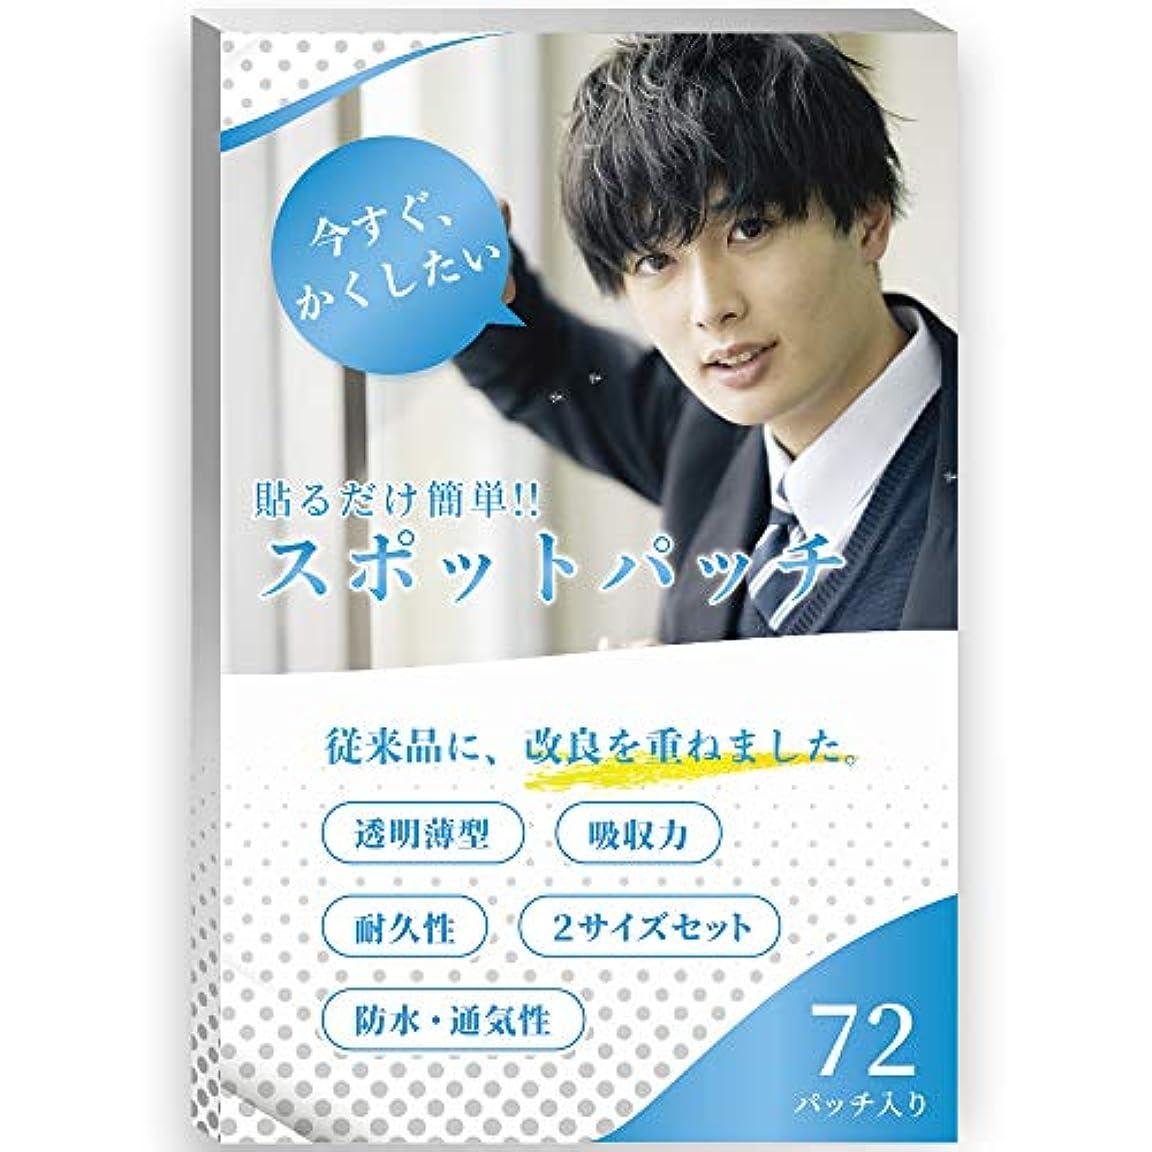 【ACNE CARE Patch】 スポットパッチ メンズ 72パッチ入り (男性用) (パッチ72枚)